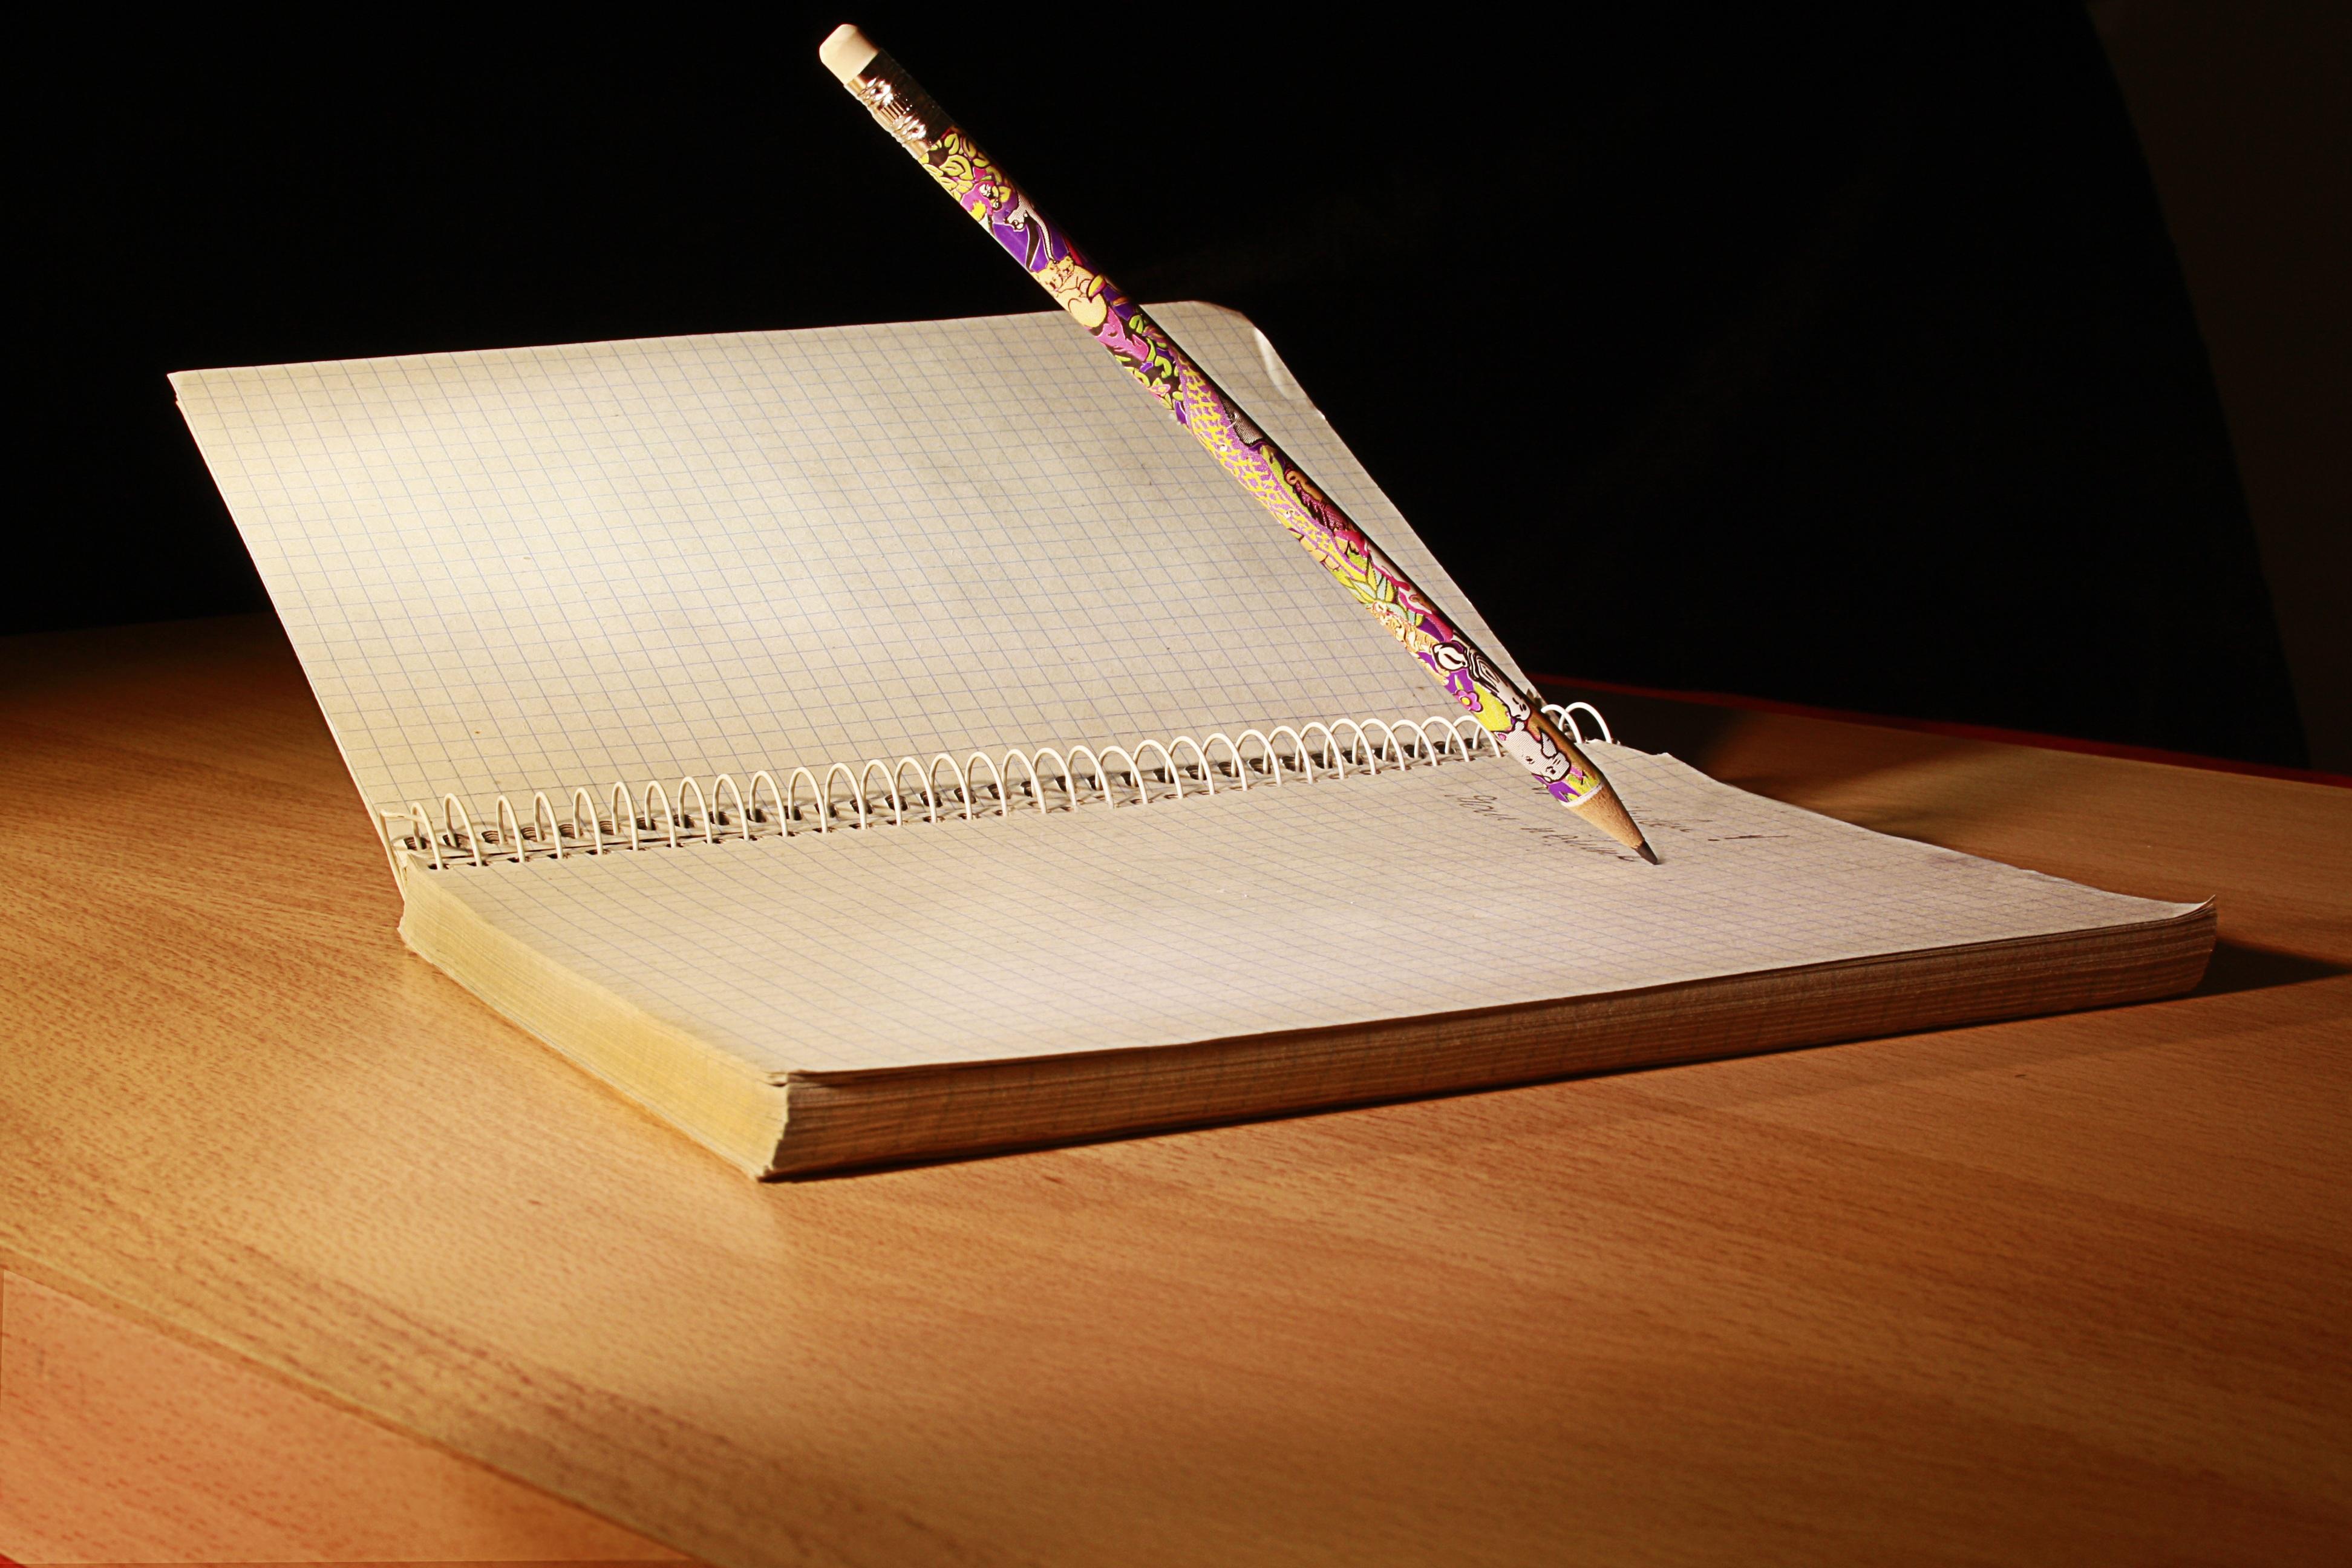 Populaire Images Gratuites : carnet, l'écriture, livre, bois, stylo, journal  QC87